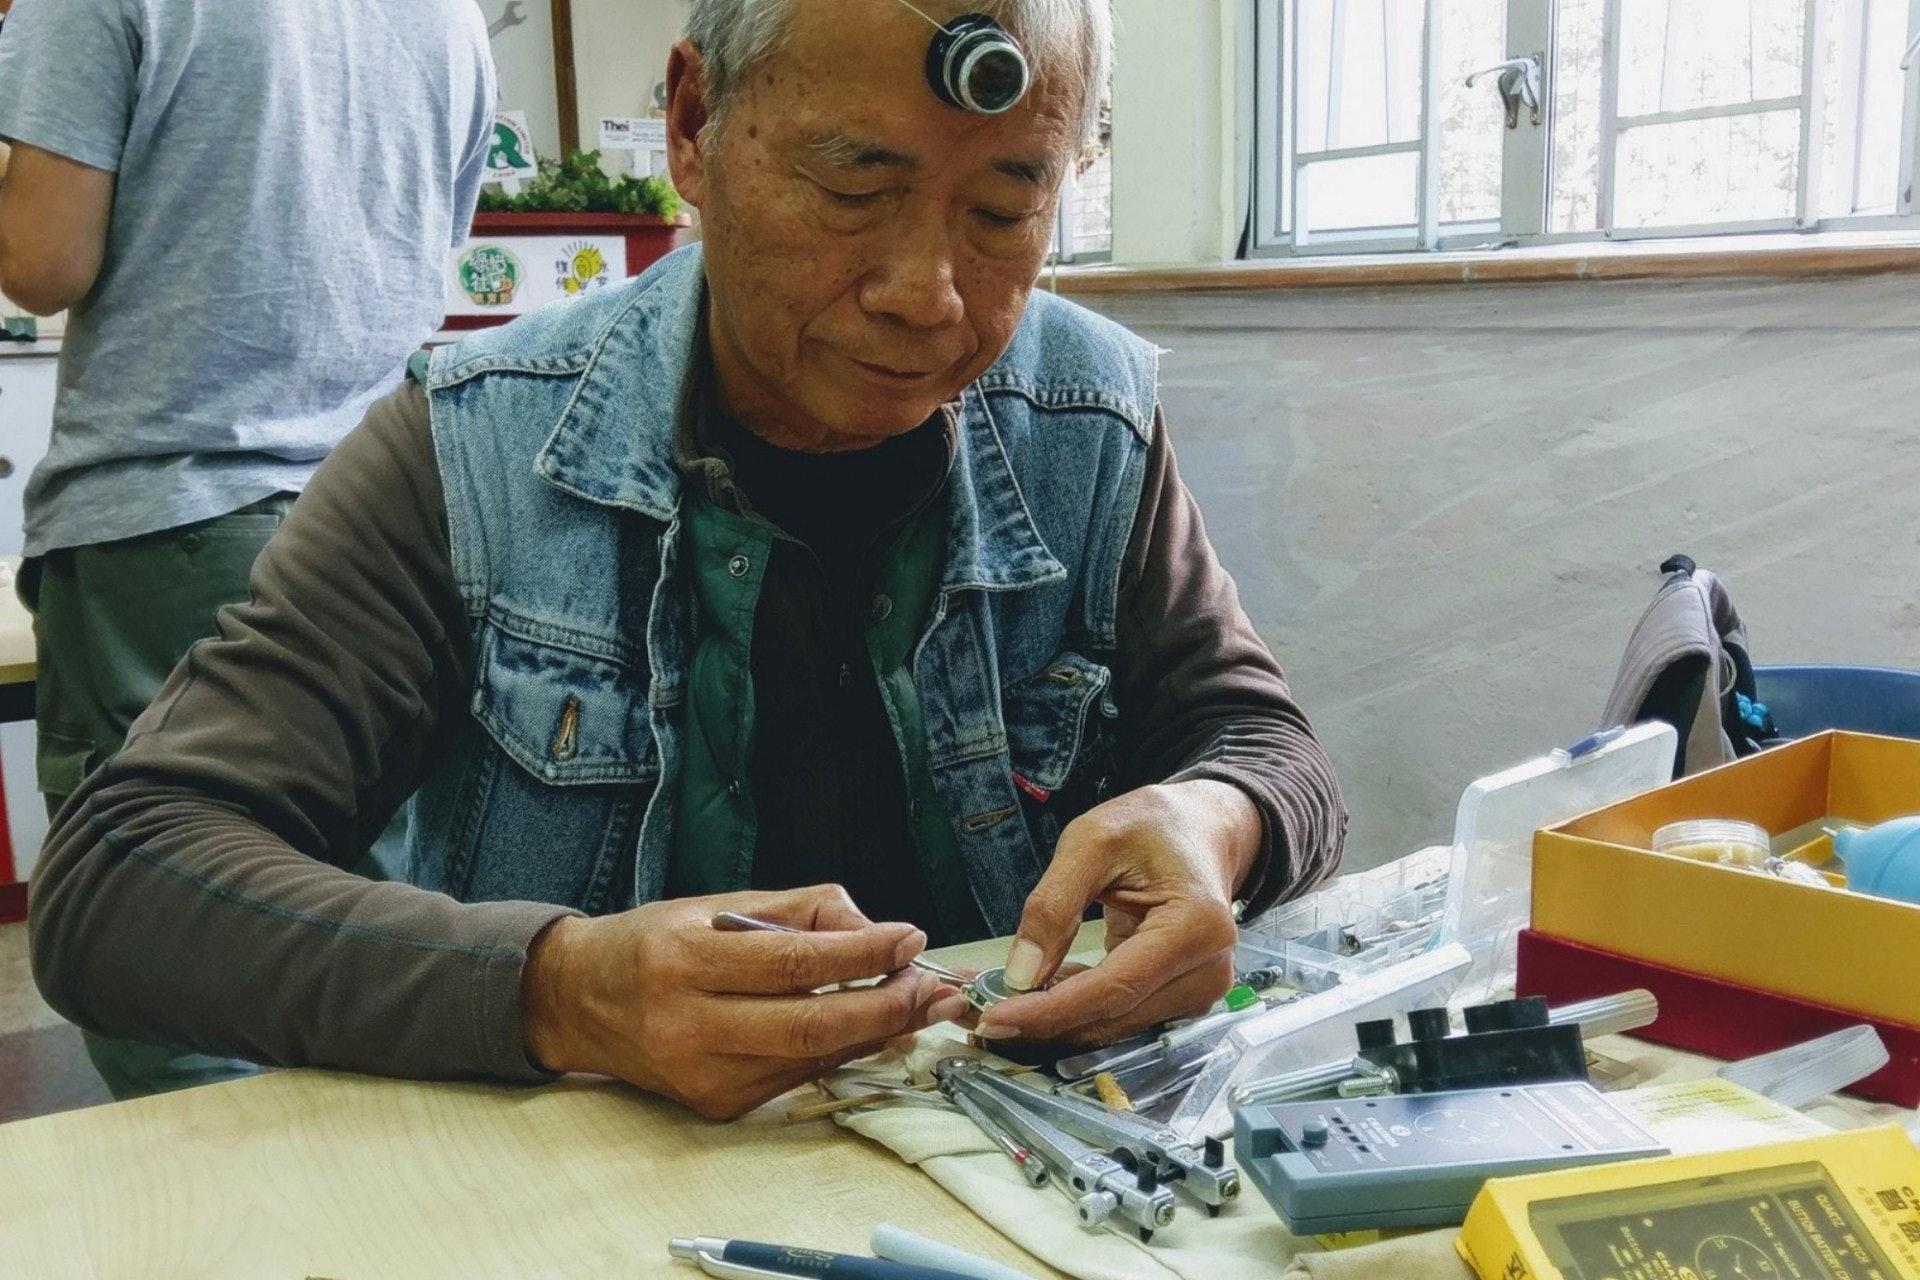 屈師傅對維修鐘錶最感興趣,退休後花上不少時間鑽研相關技巧,令他成為「復修冰室」團隊內唯一一位維修鐘錶的師傅,為不少街坊復修舊手錶及當中的回憶。(相片由「喜動社區」提供)